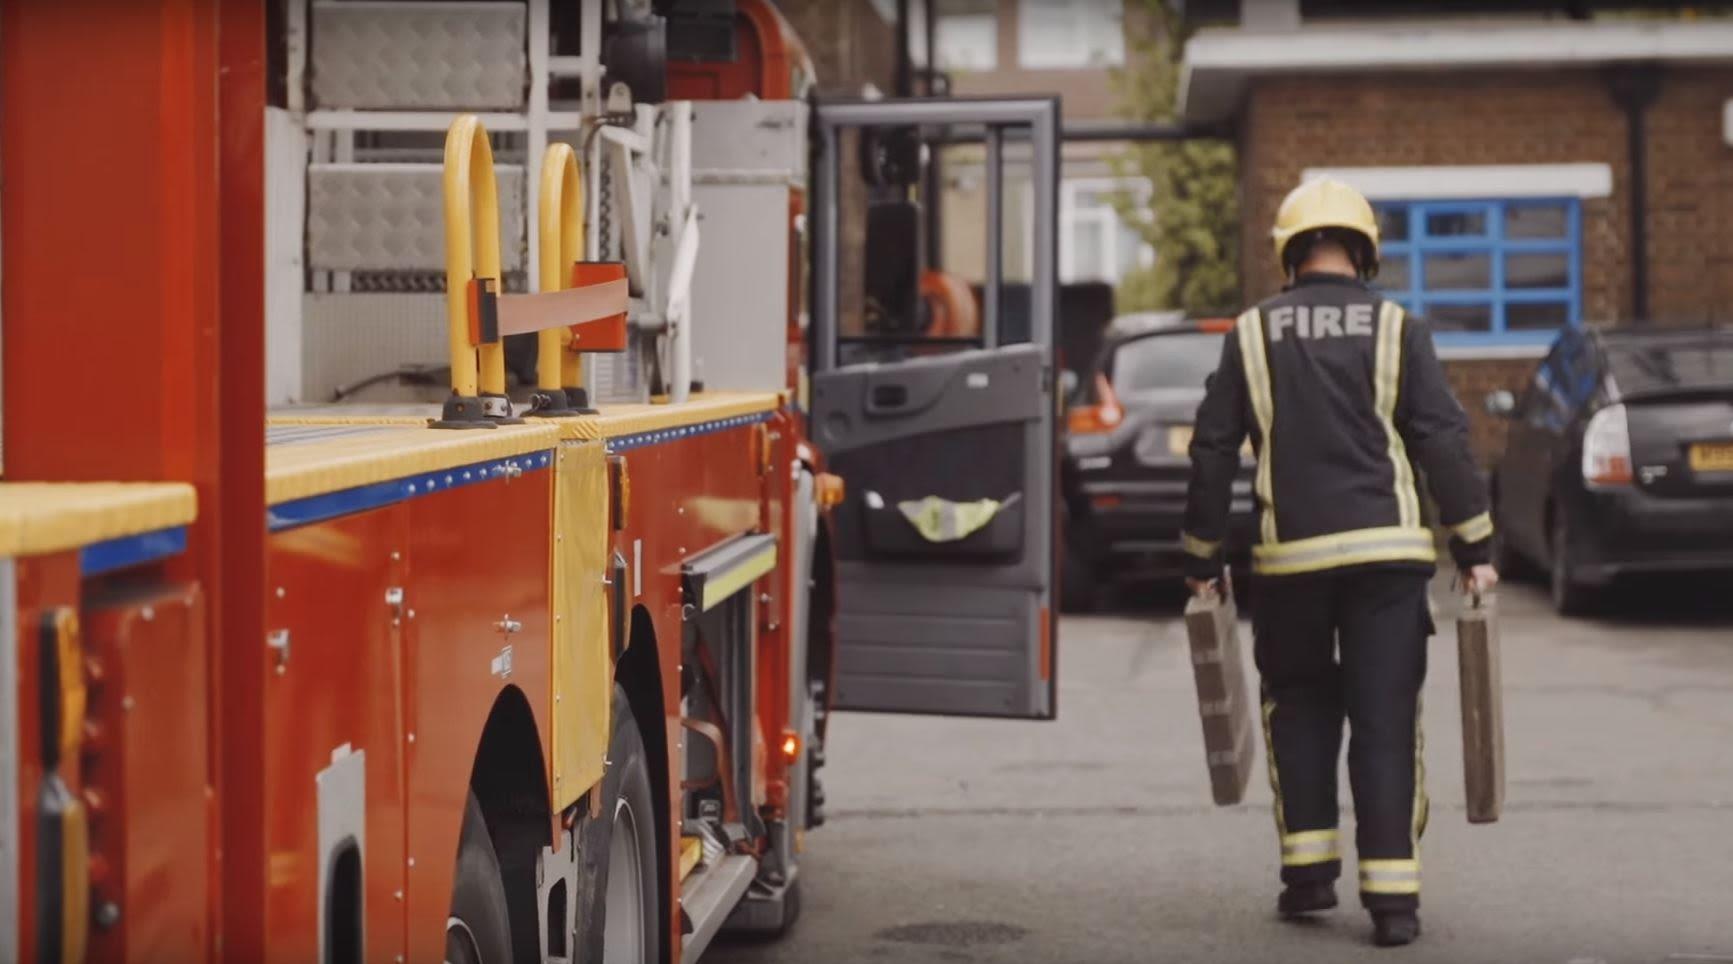 Firefighter alongside fire engine